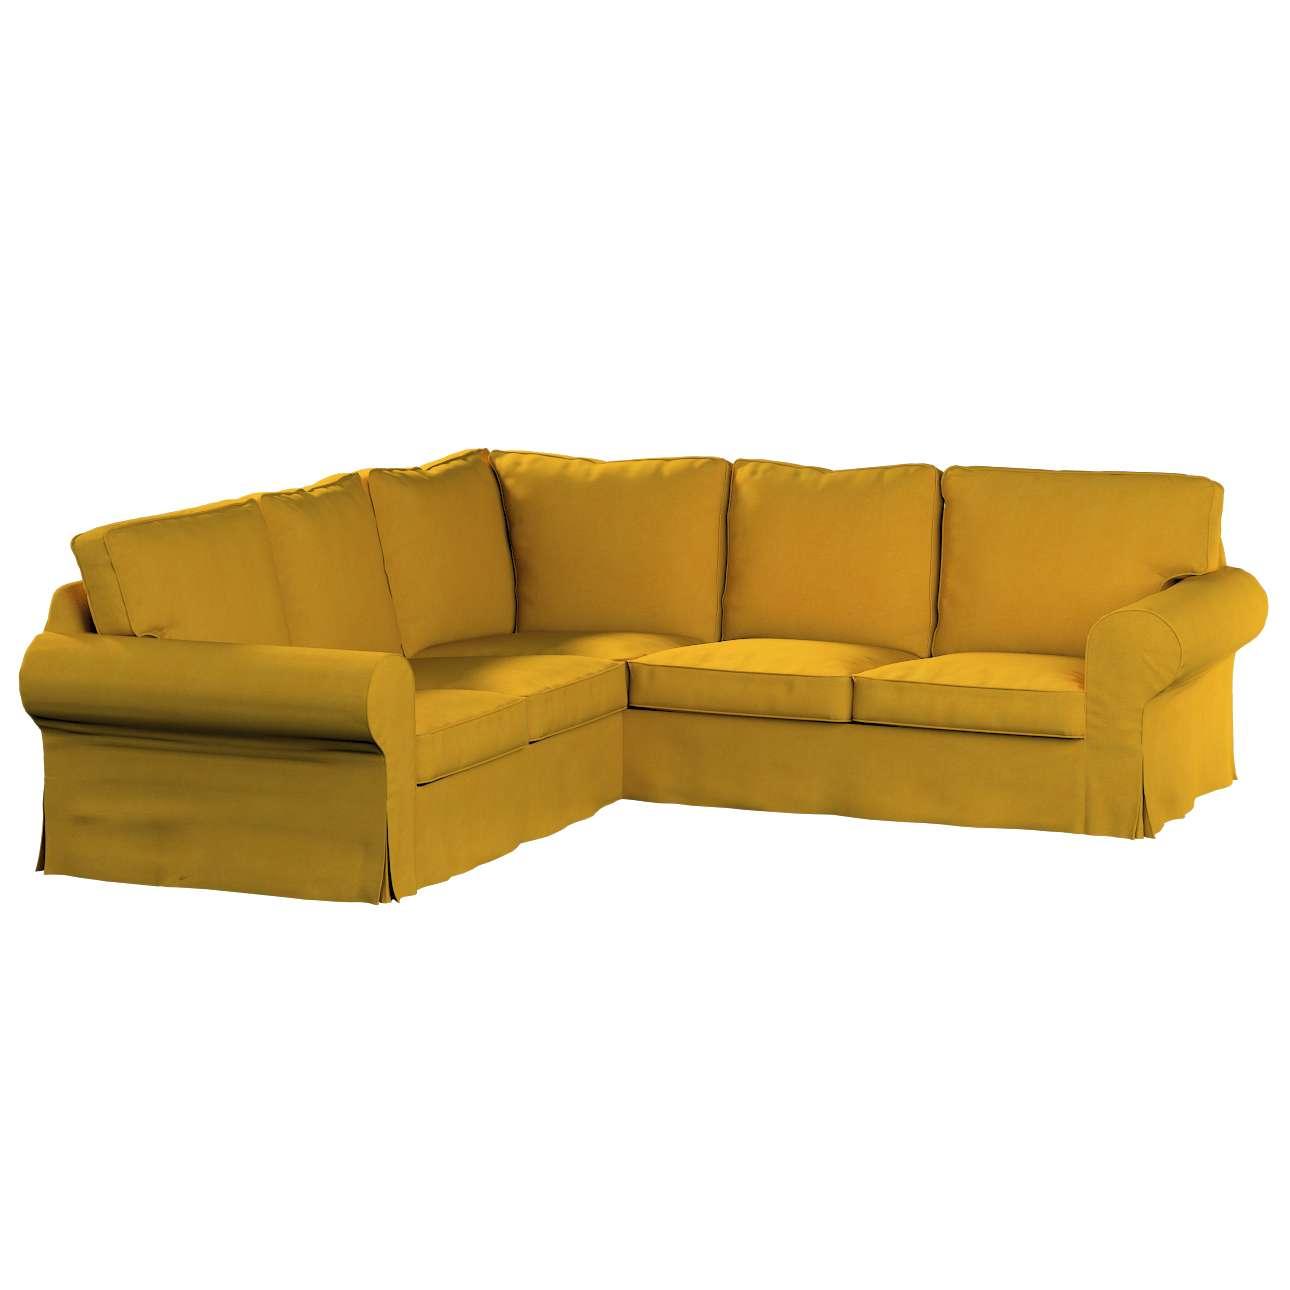 Ektorp kampinė sofa Ektorp kampinė sofa kolekcijoje Etna , audinys: 705-04